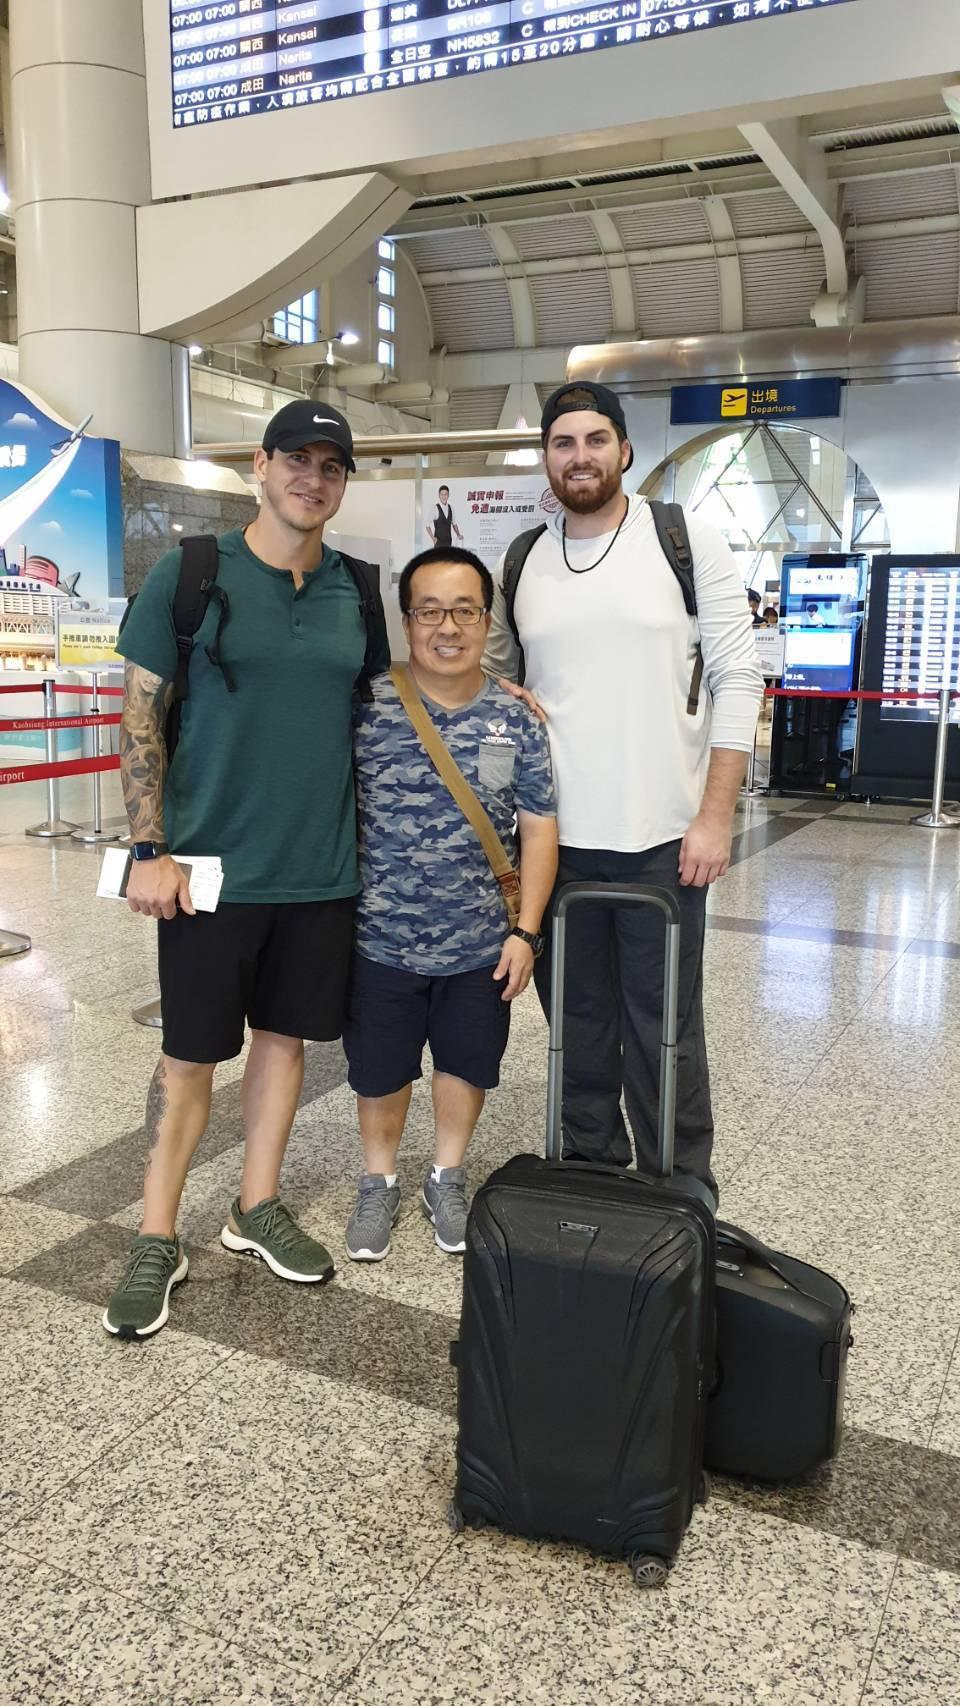 蘇元泰(中)去年和瑞安(左)、亞力克在機場合影。圖/蘇元泰提供